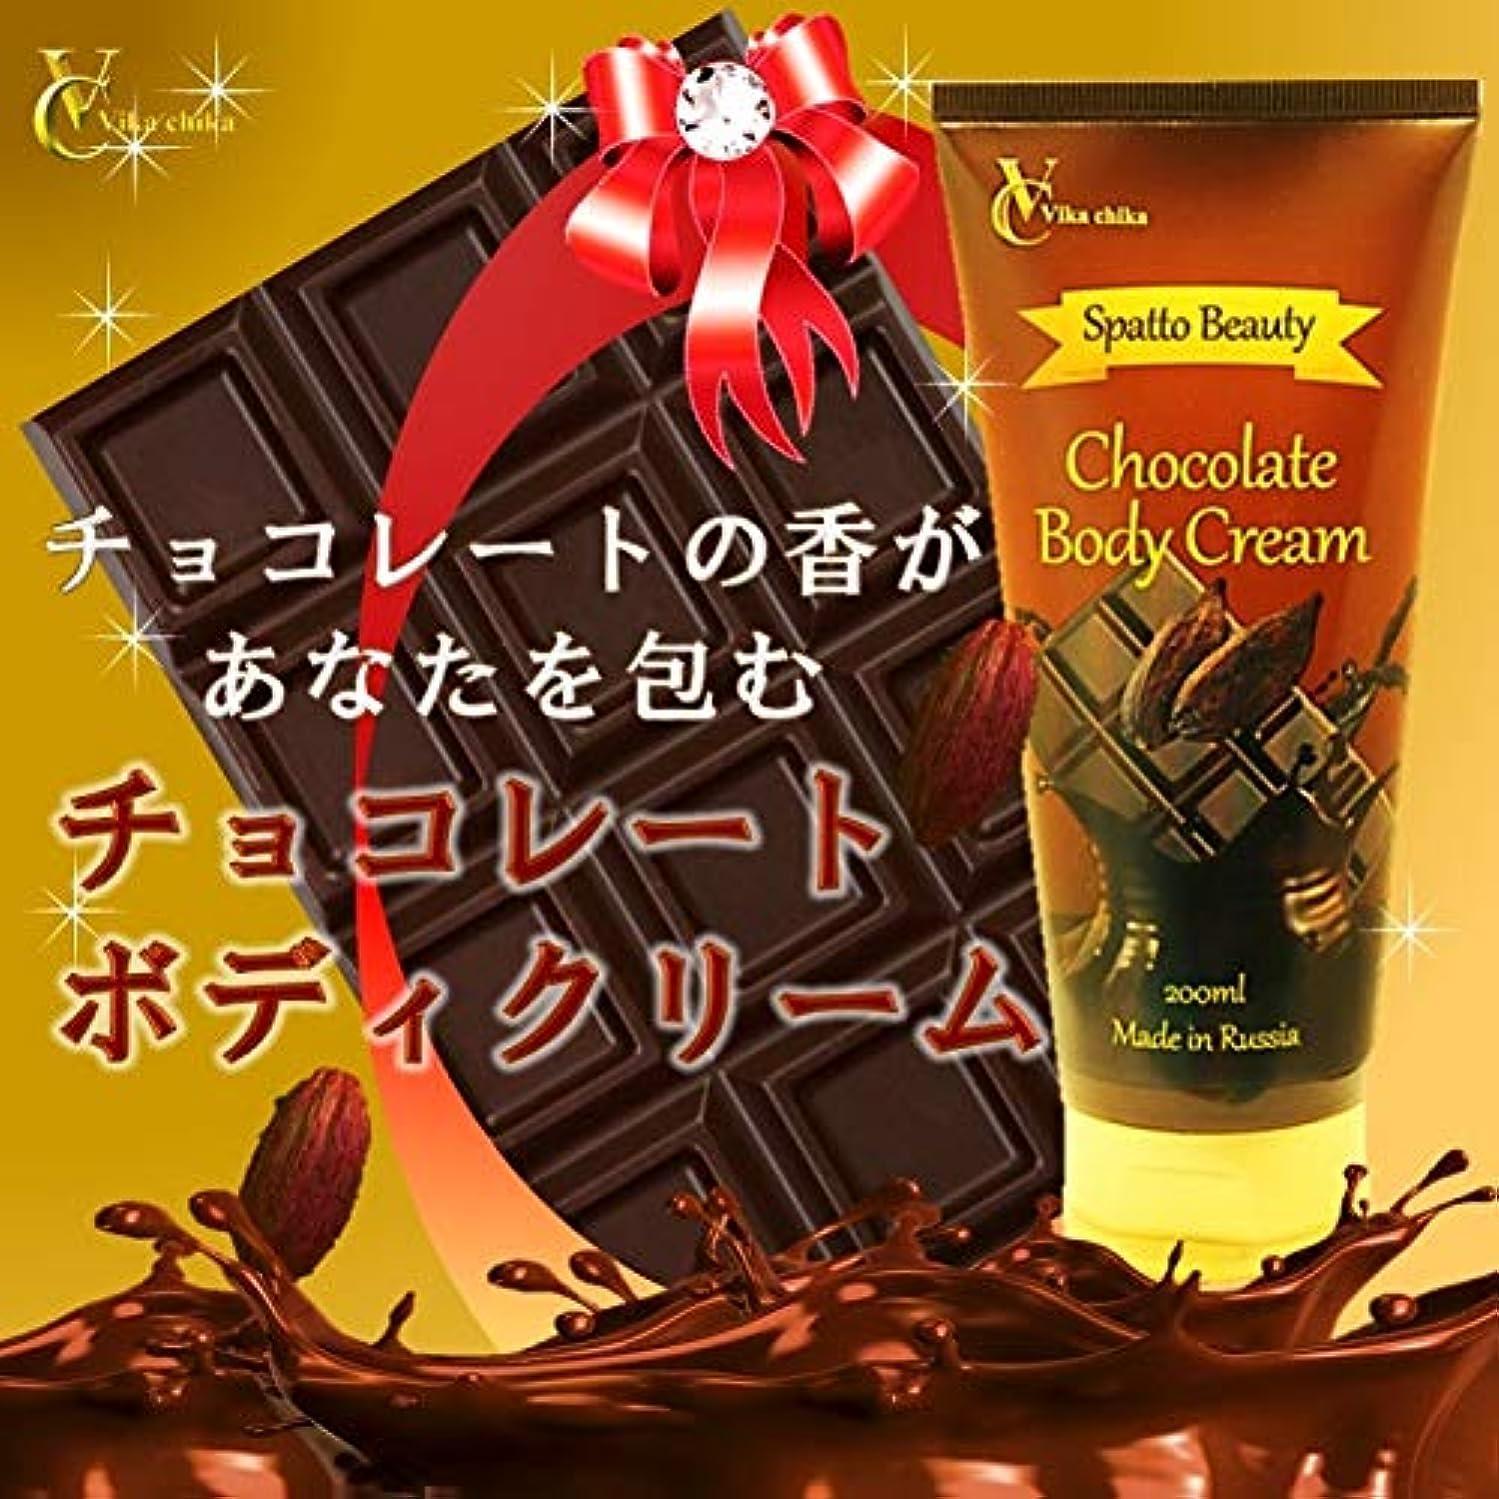 エール悲観的牽引ビッカチカ スパッと ビューティ チョコレートボディクリーム 200ml